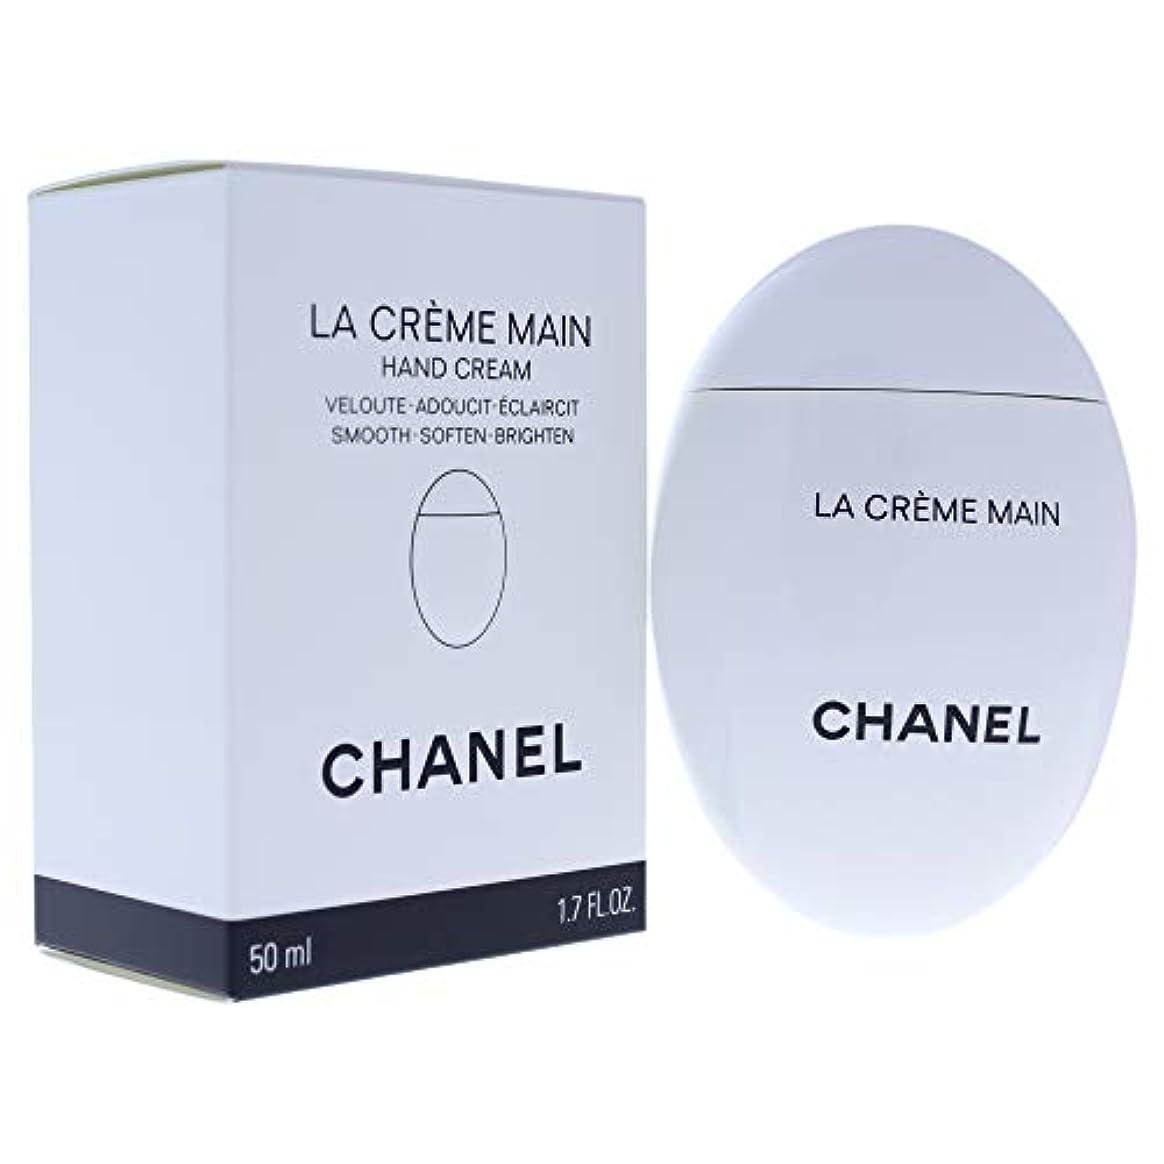 振り向く振り向く空白CHANEL LA CRÈME MAIN シャネル ラ クレーム マン ハンドクリーム 50ml